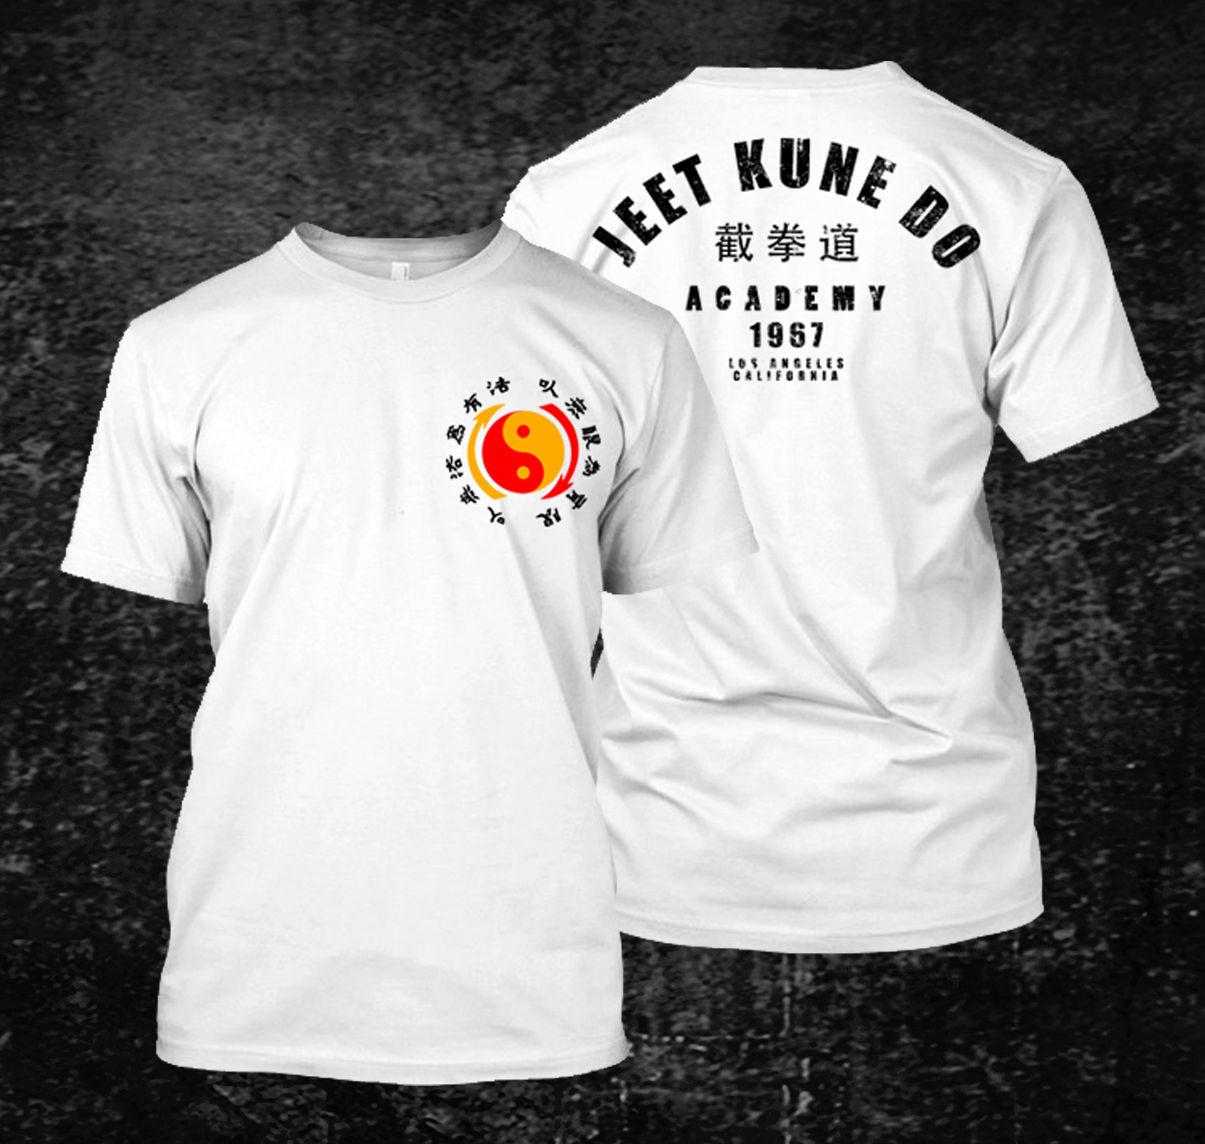 Venda quente jeet kune do academy t-camisa masculina de manga curta 100% algodão t camisa hip hop camisetas topos harajuku streetwear 2